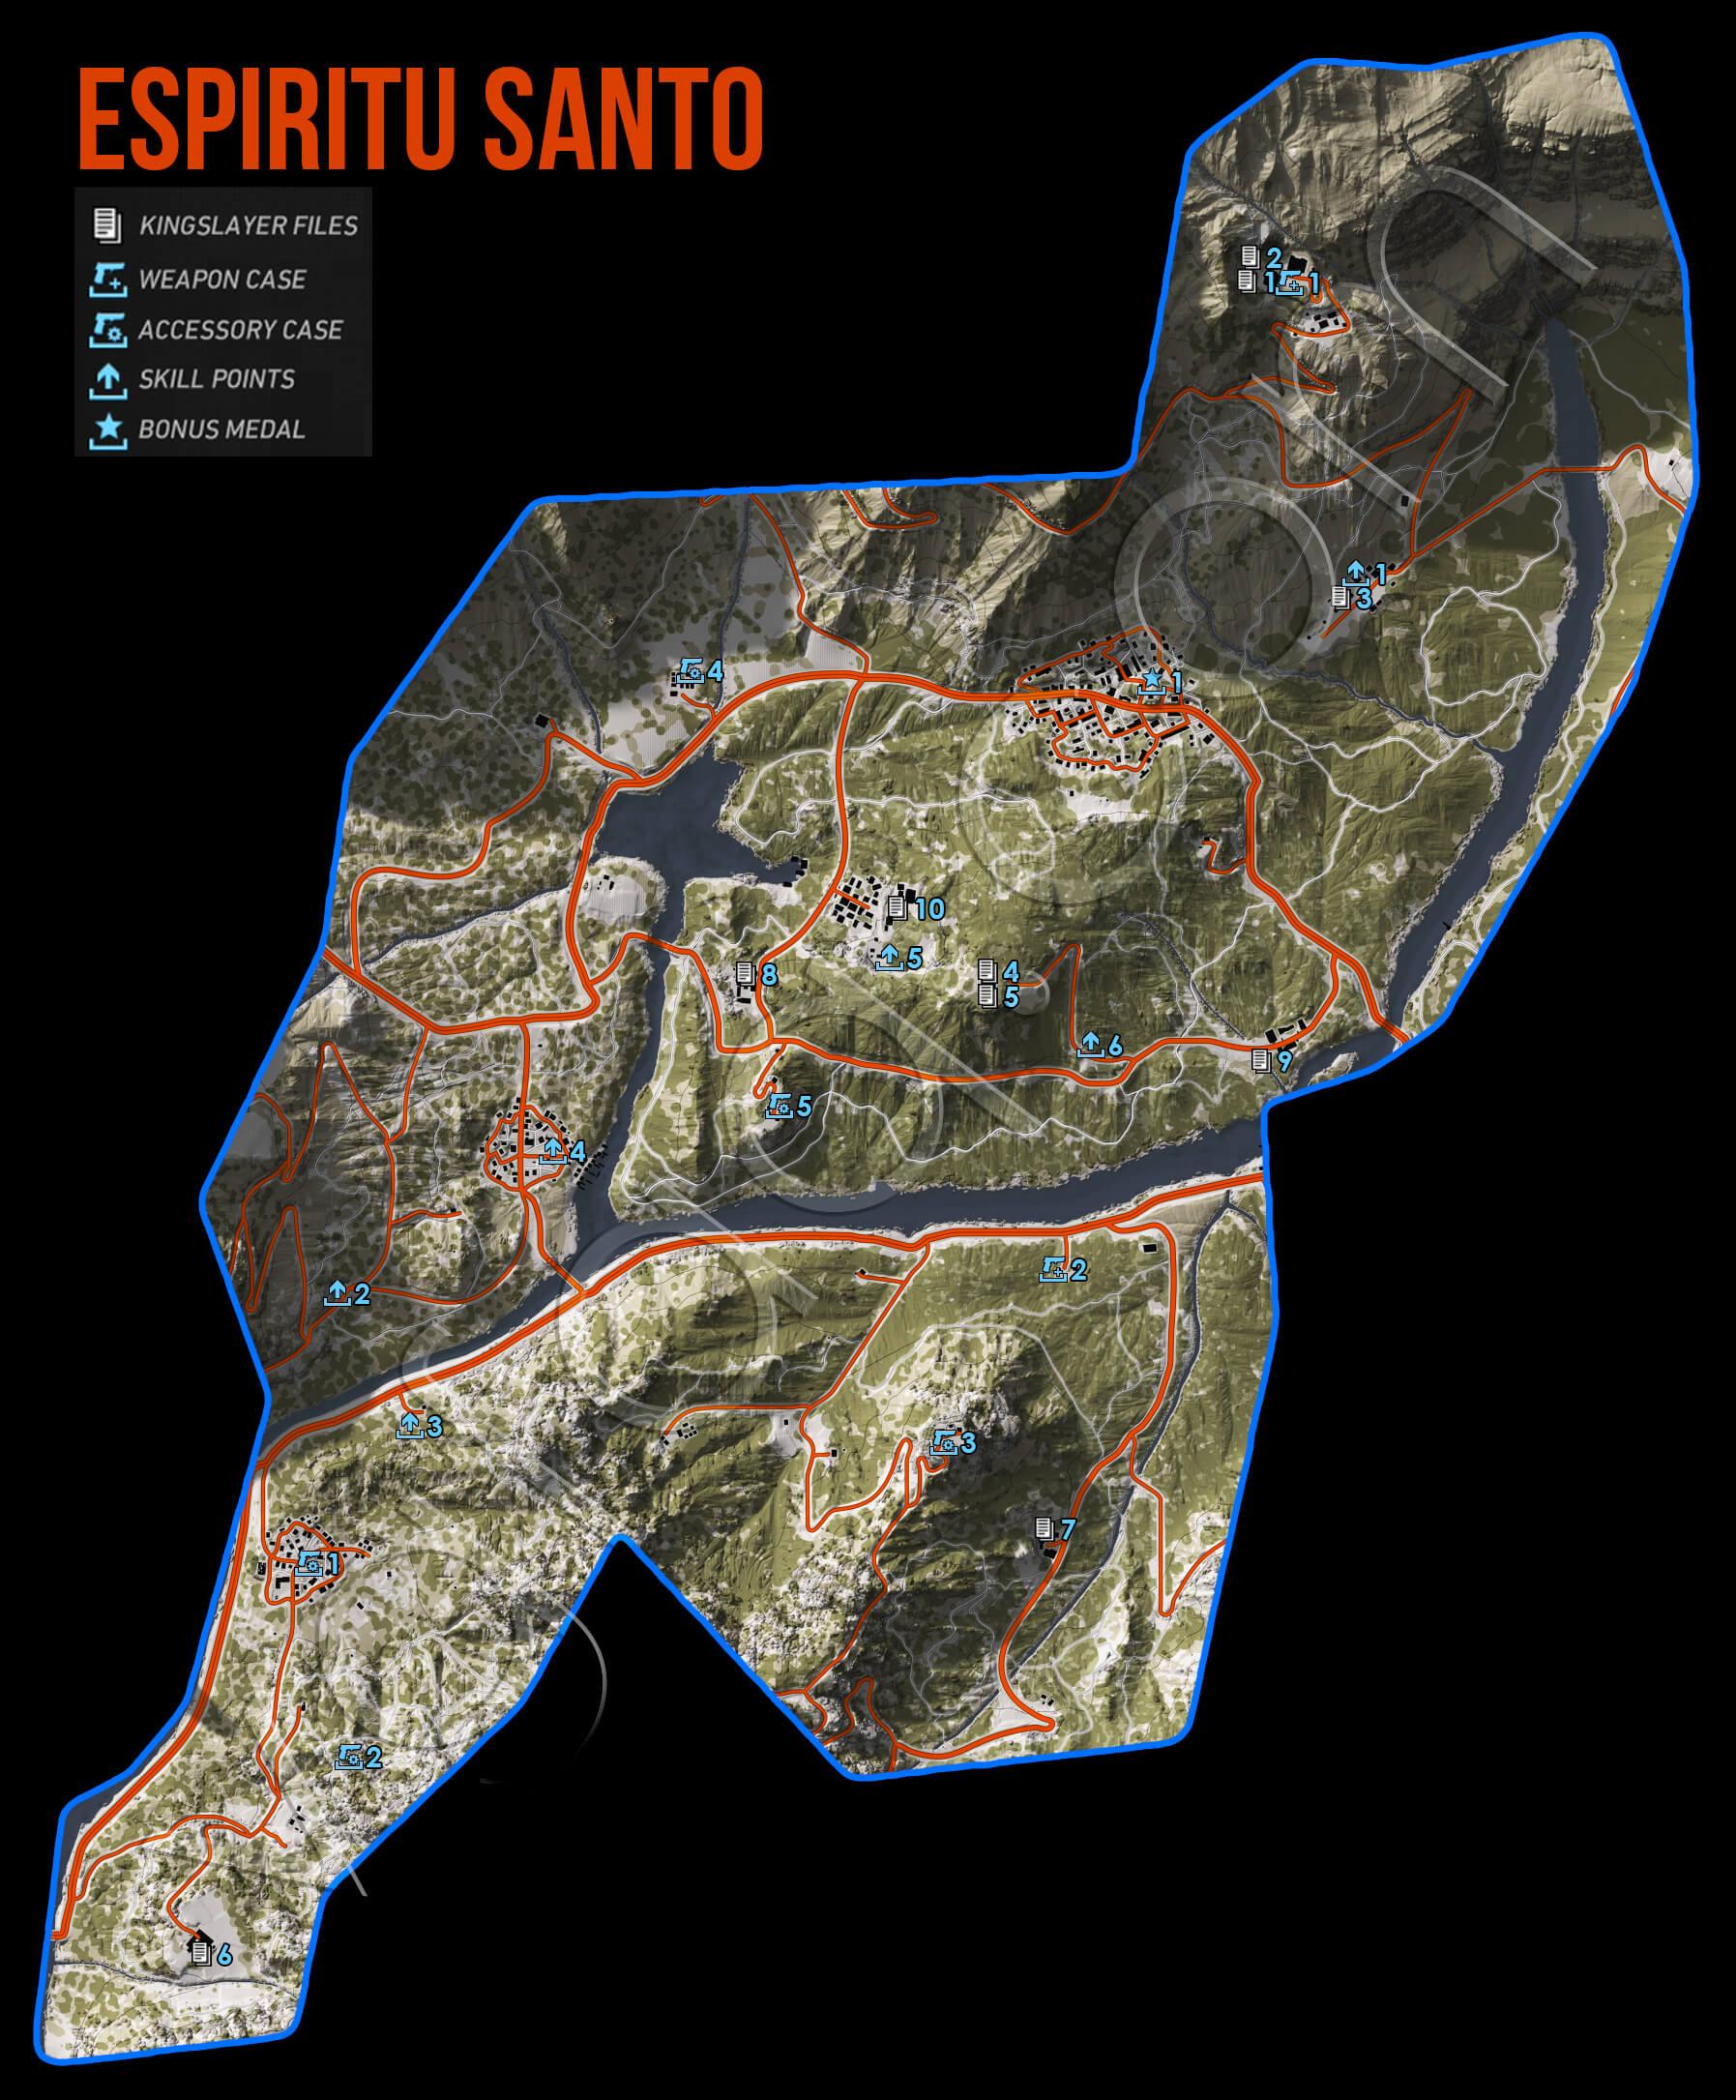 Ghost Recon Wildlands Espiritu Santo Collectables Map